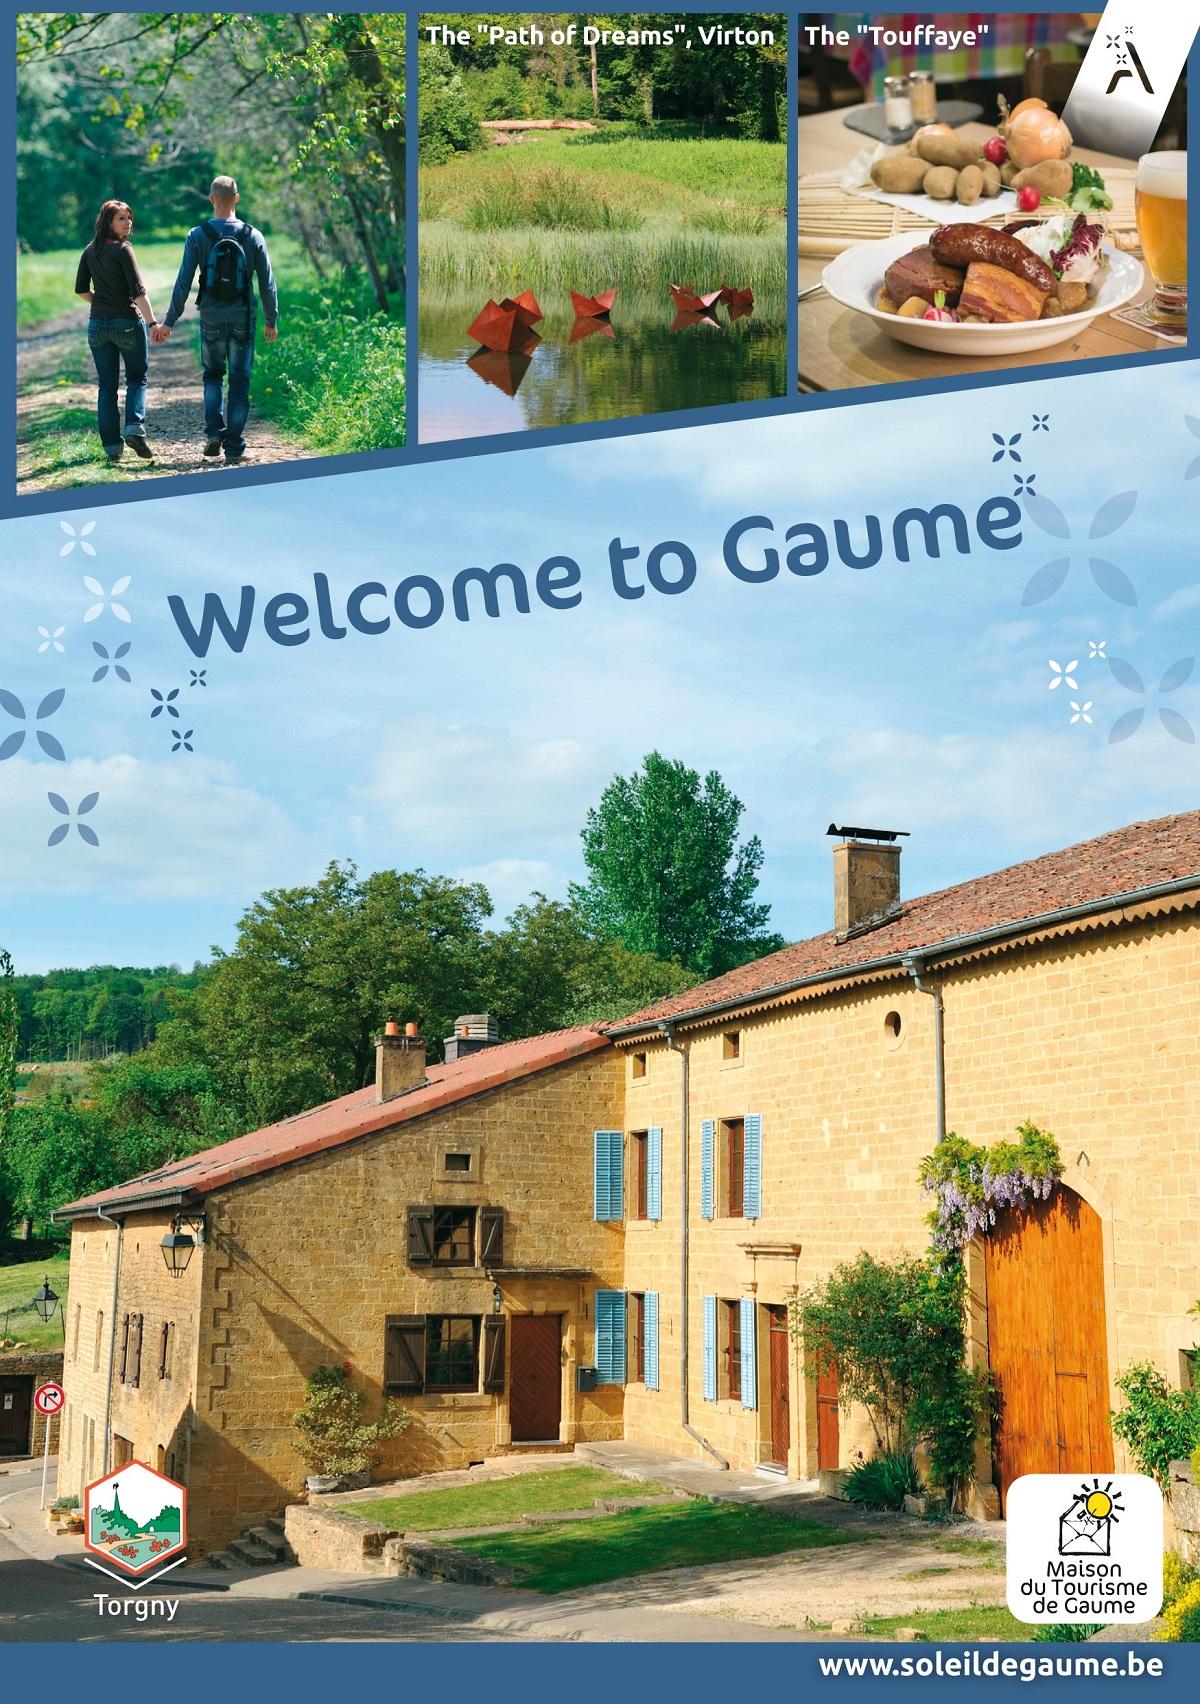 Le guide touristique de la Gaume en anglais